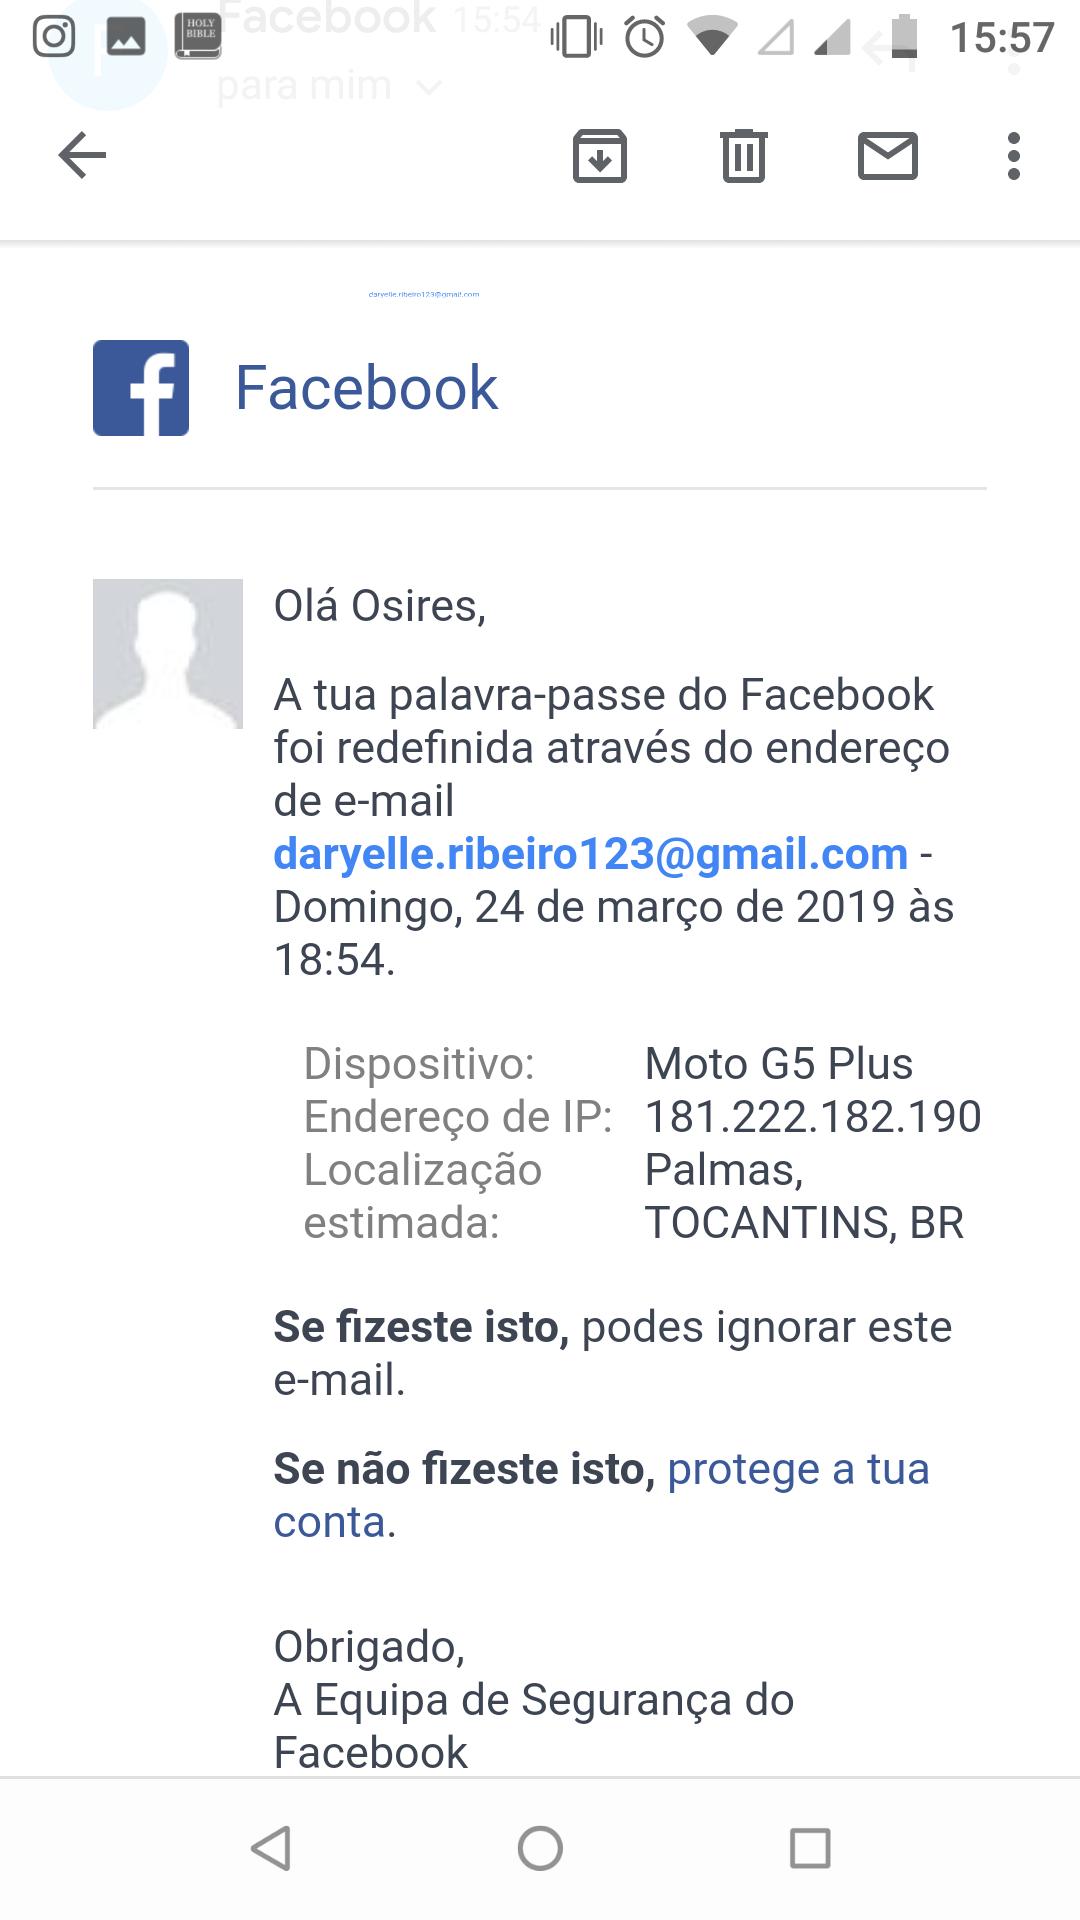 Estão usando minha conta de Gmail para acessar Facebook, o que faço? -  Gmail Community